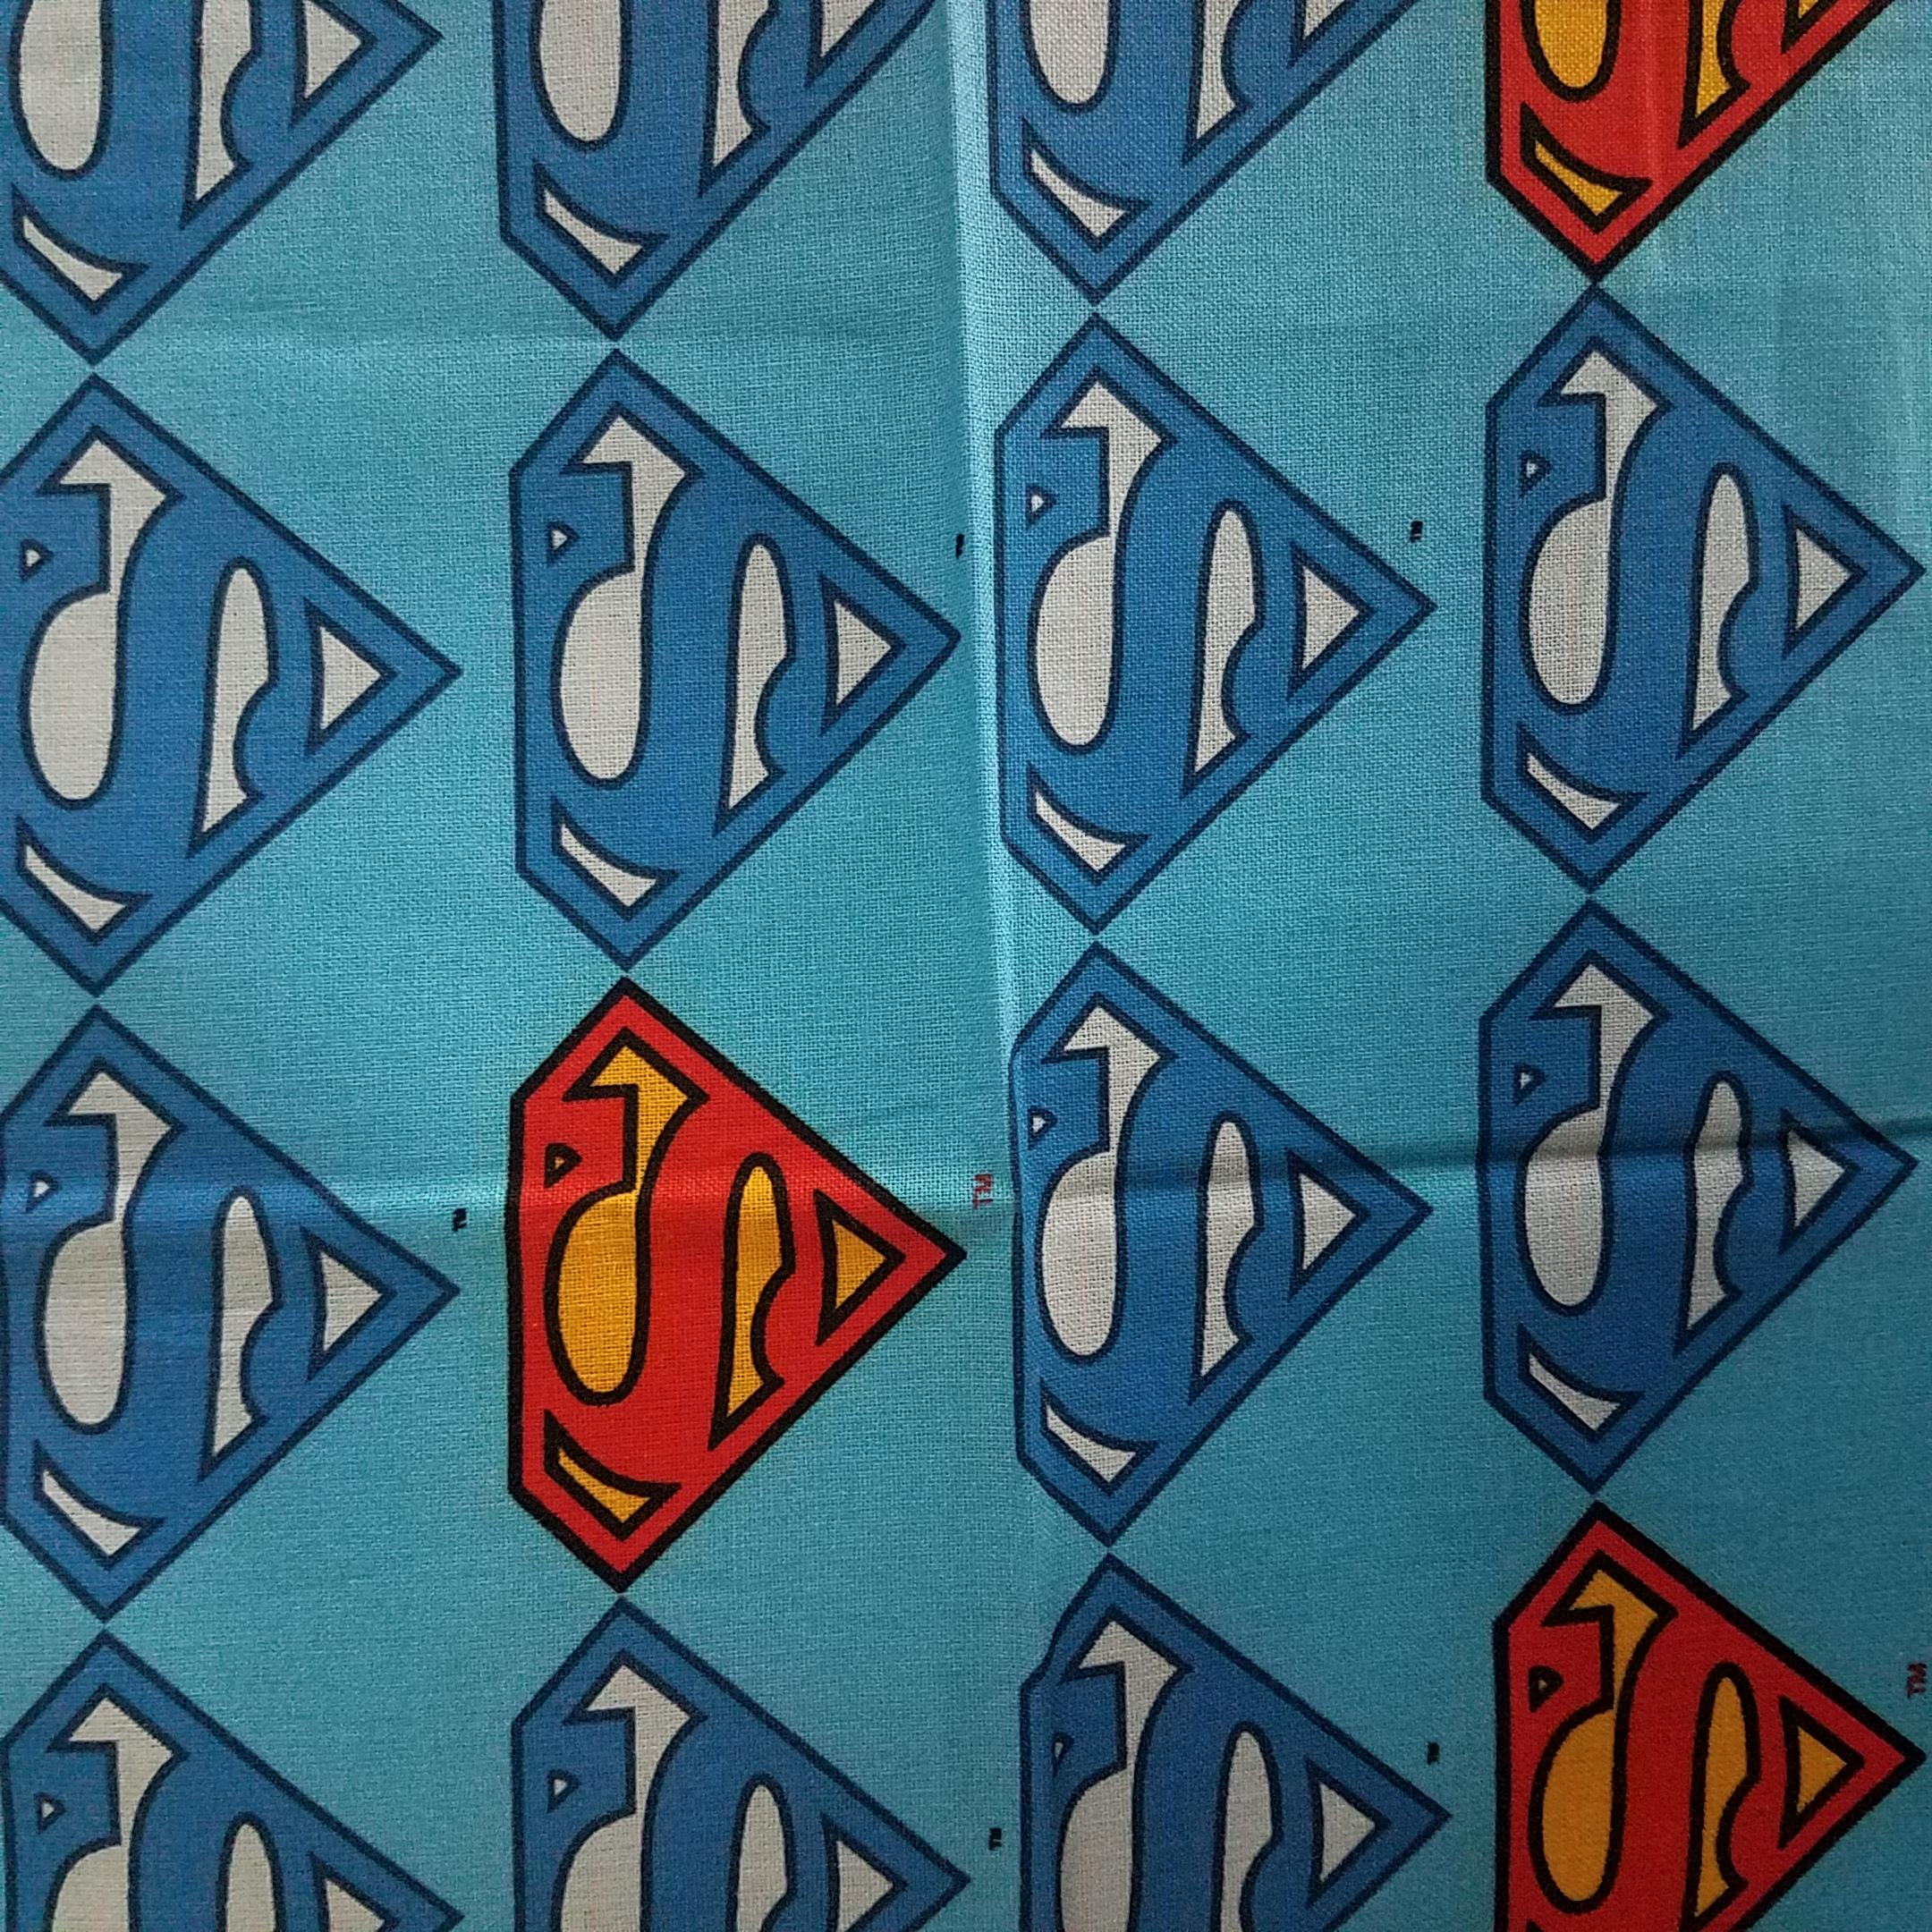 Welding Cap Superman logo - WELDER'S WENCH